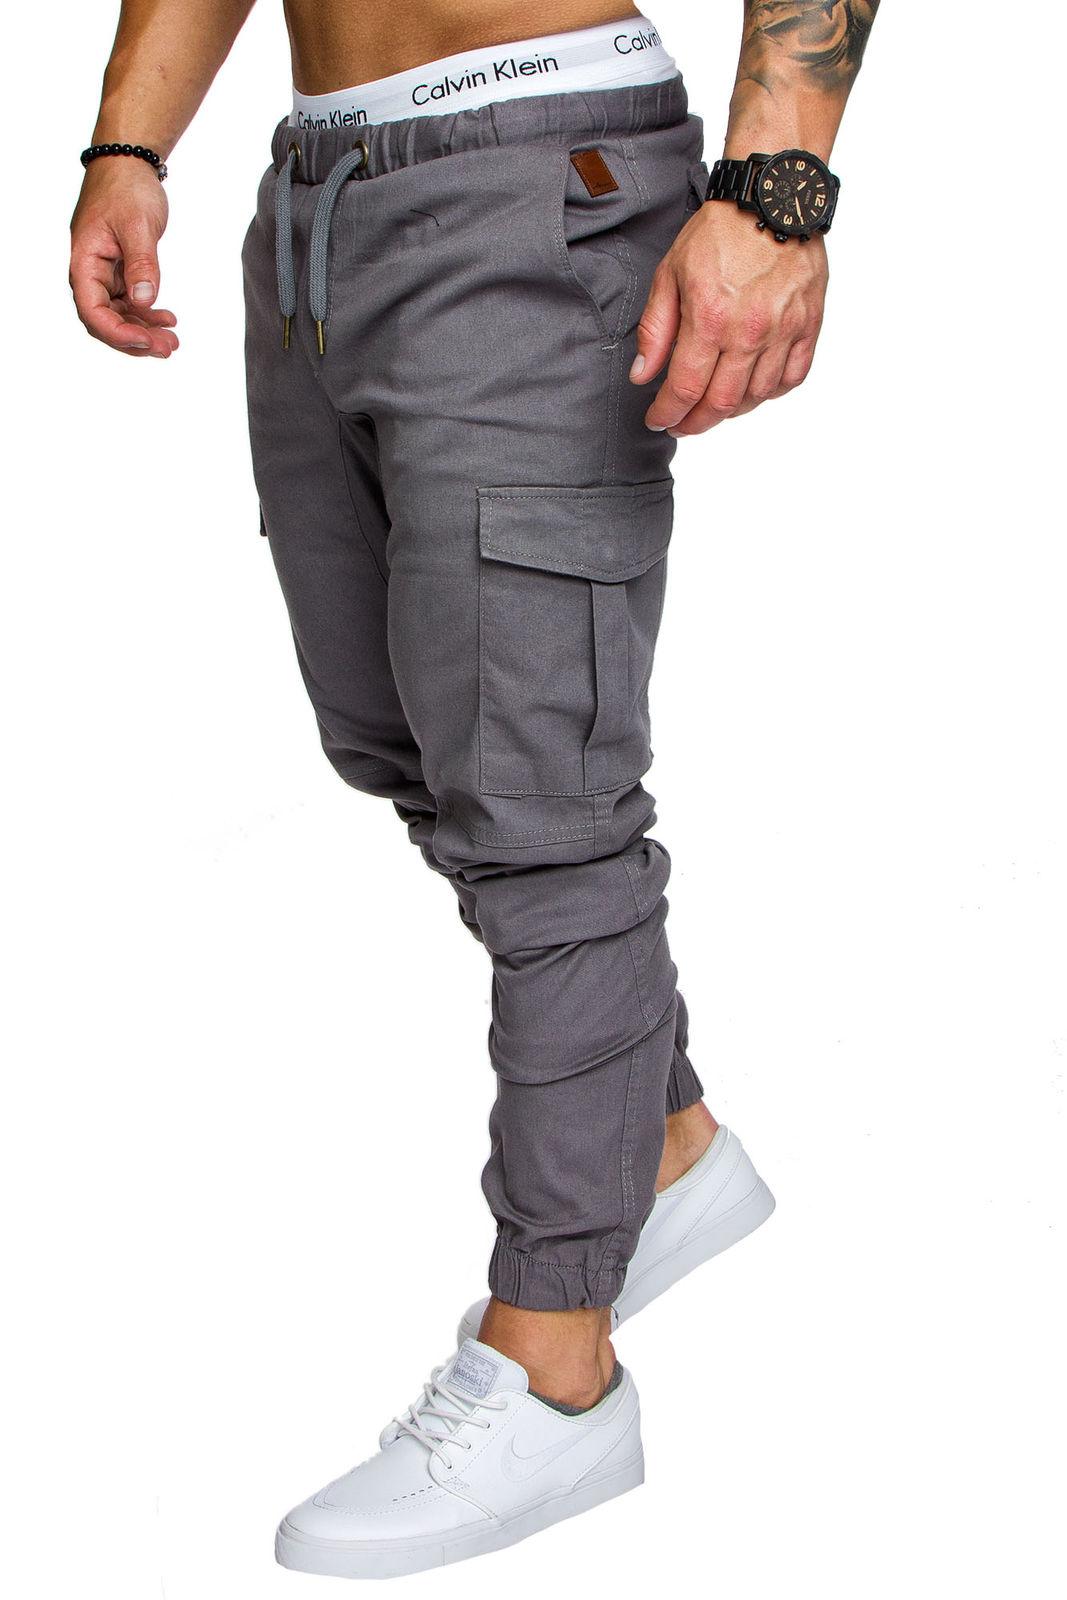 ed39e73eec Calças de Trabalho dos homens Conforto Algodão Macio Tático Militar Do  Exército Combate de Carga Casual Multi-Bolso Dever Calças de Musculação de  Fitness